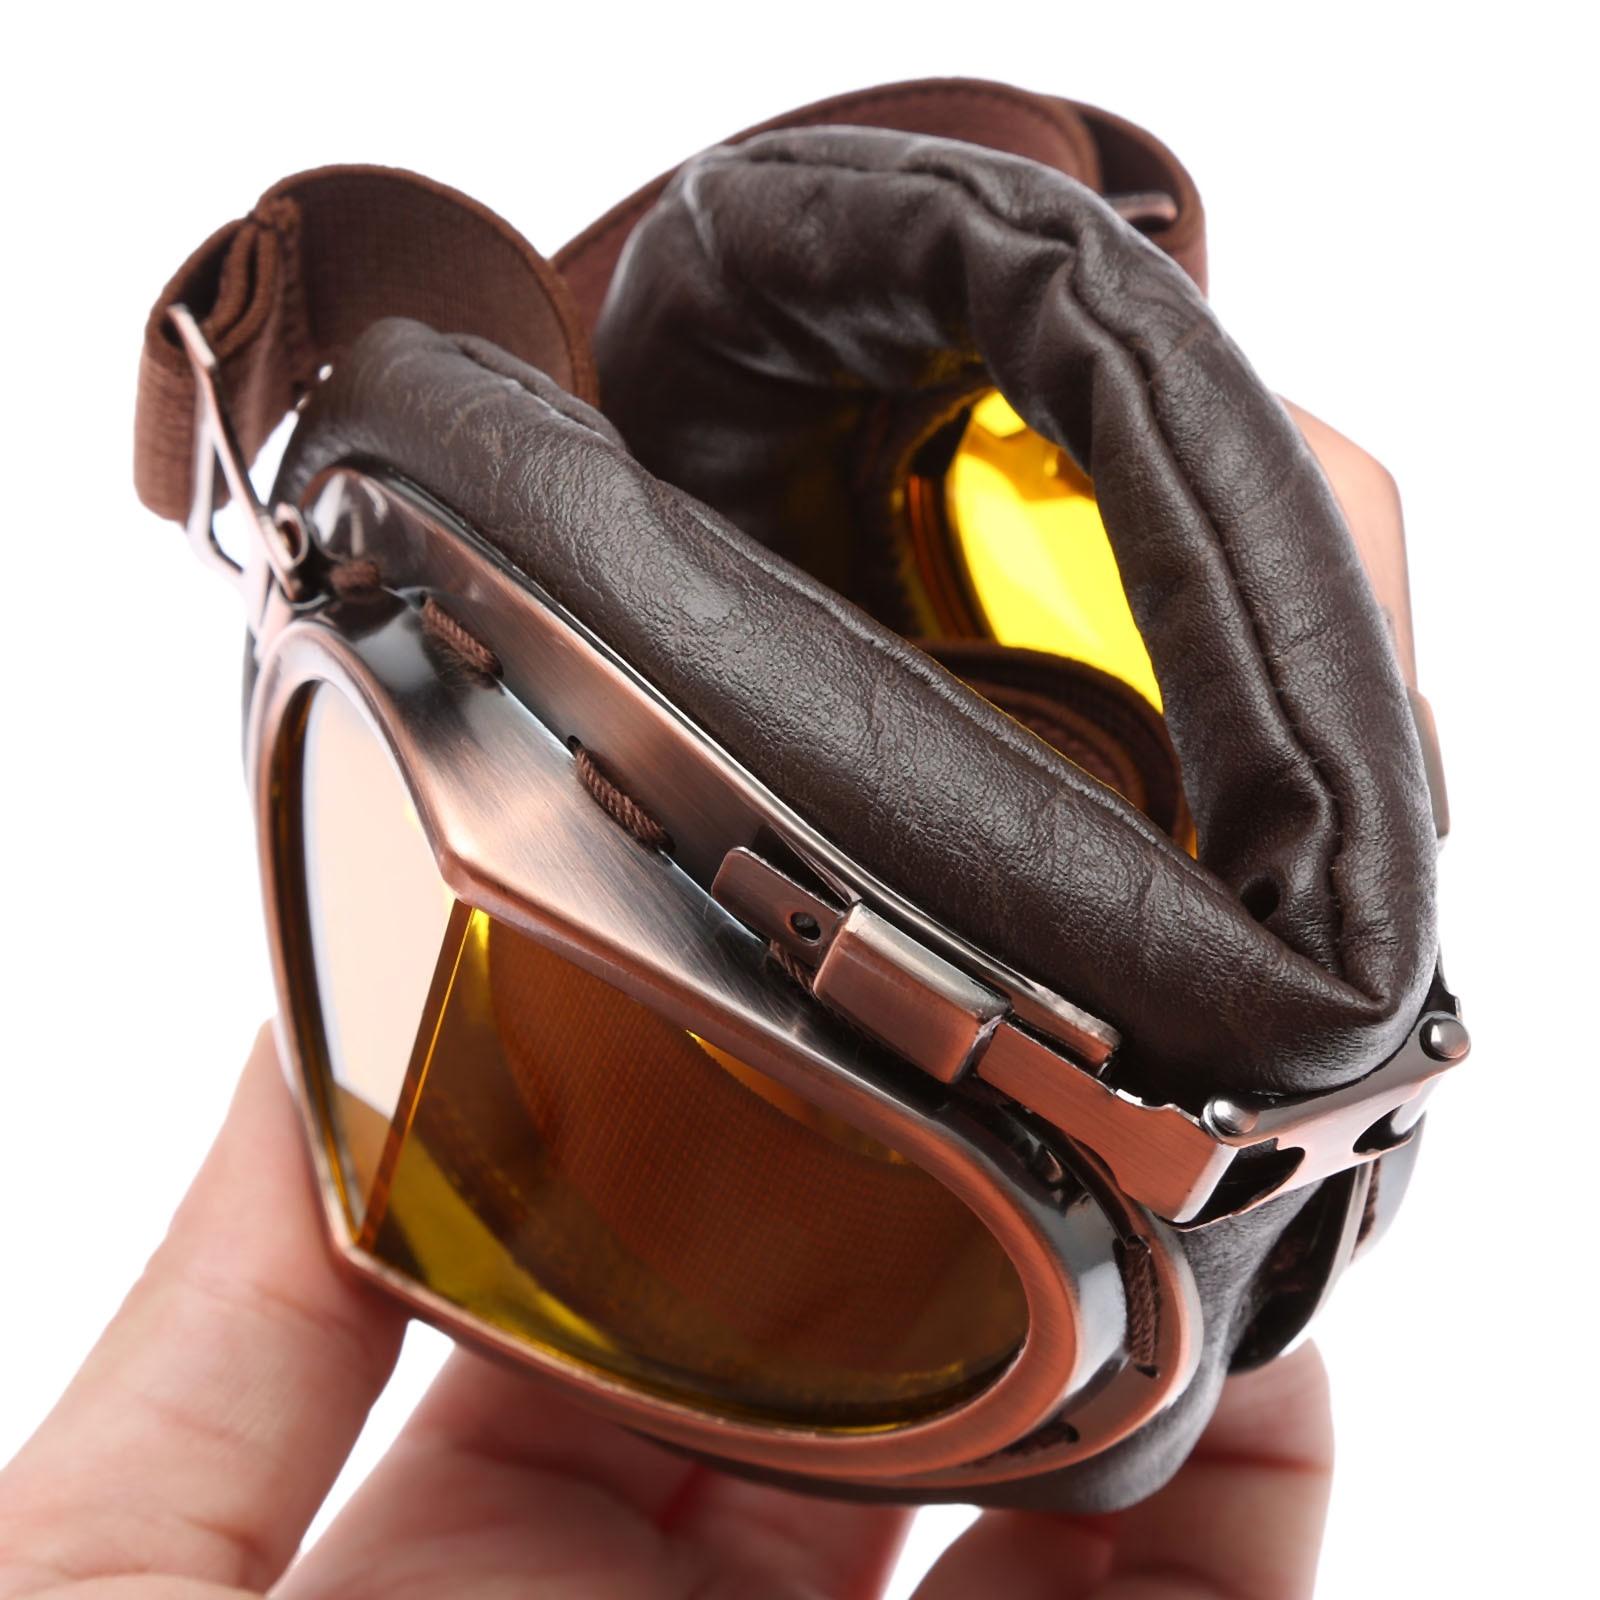 Motocicleta Gafas Gafas Vintage Motocross Gafas Clásicas Retro - Accesorios y repuestos para motocicletas - foto 6